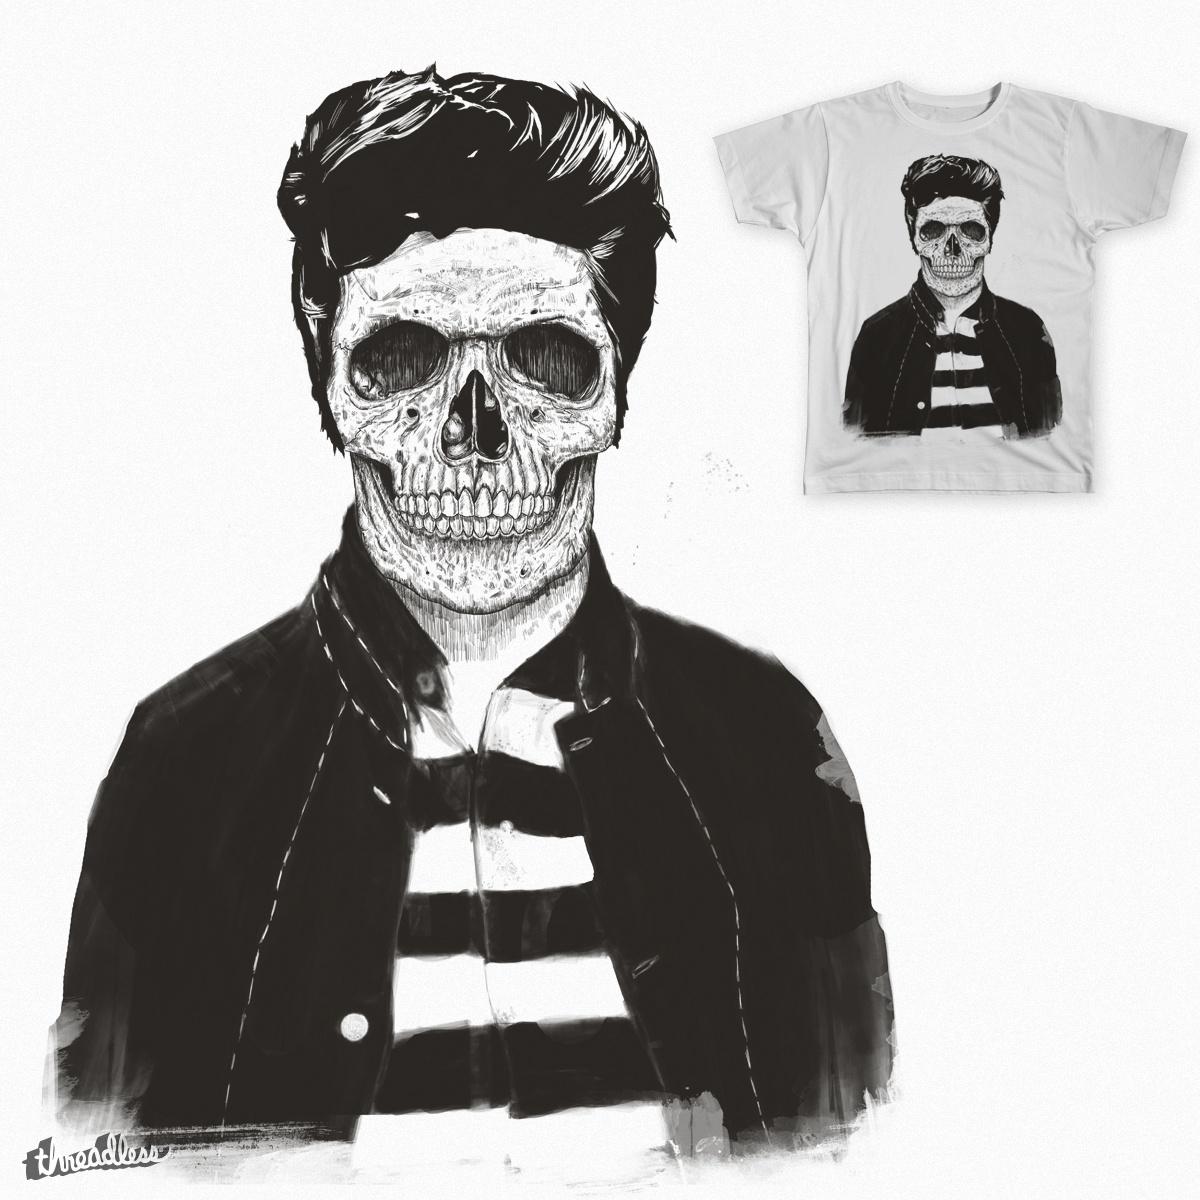 Death fashion by soltib on Threadless